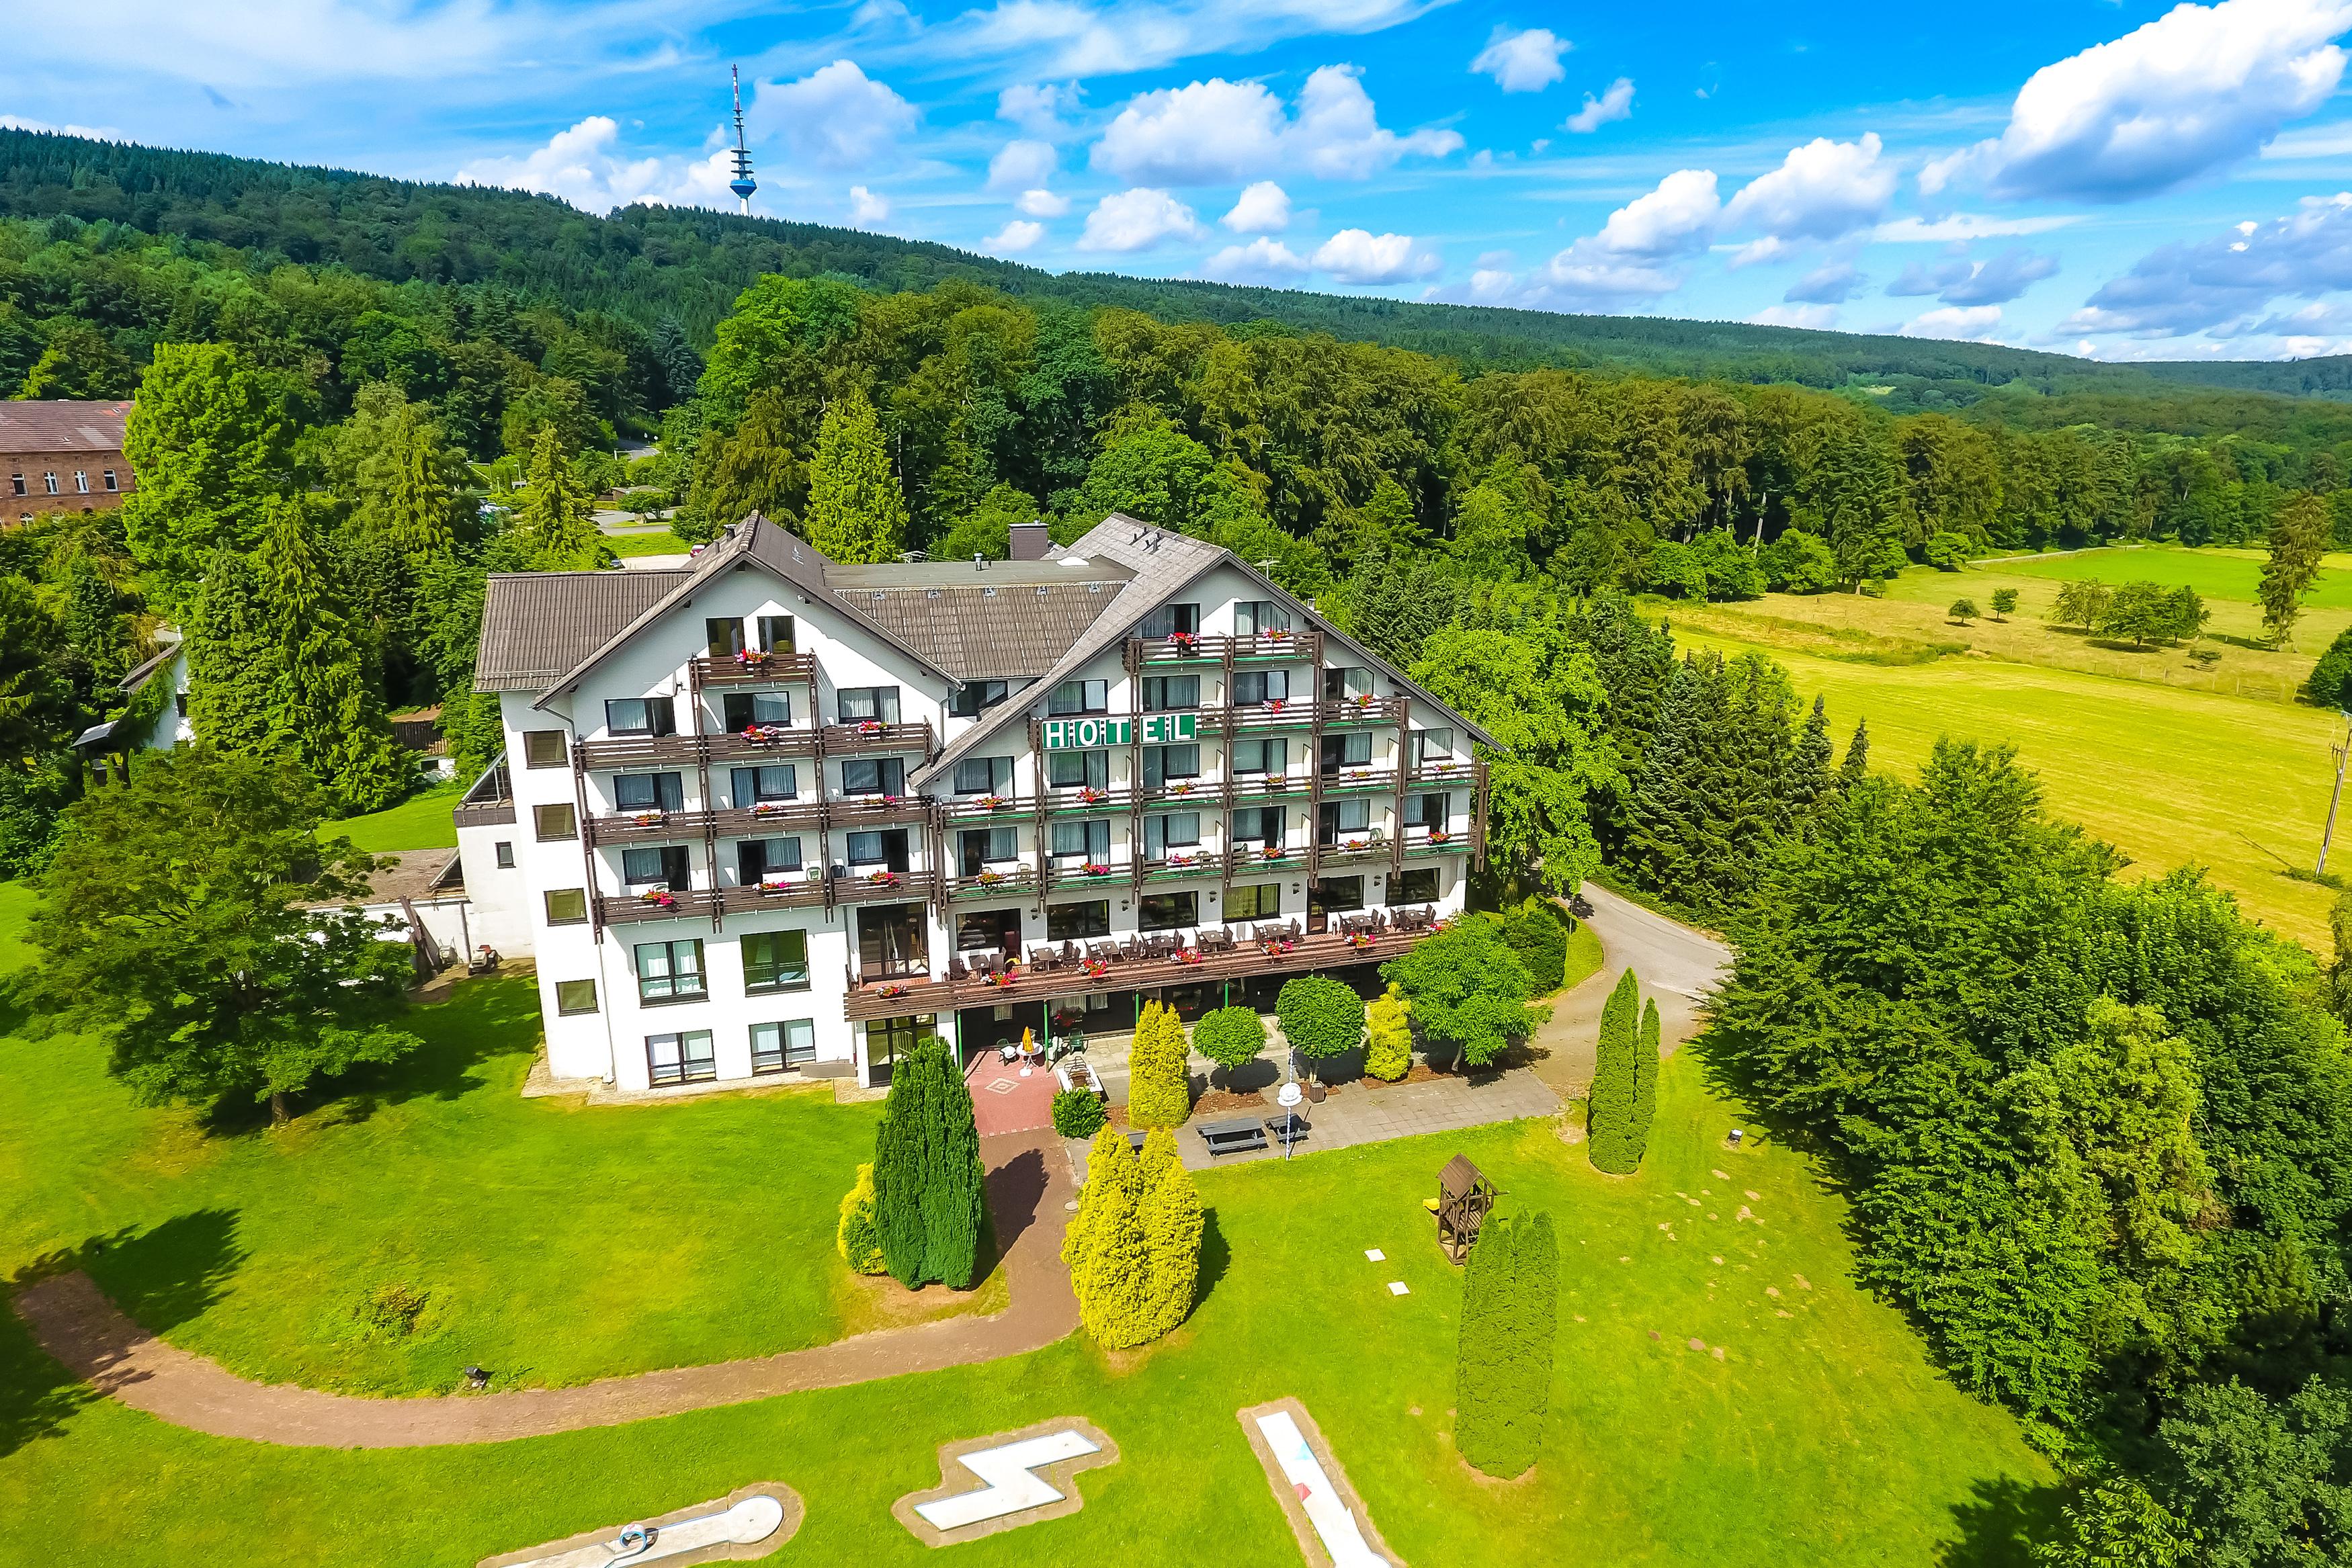 Hotel Der Jaegerhof Luftaufnahme